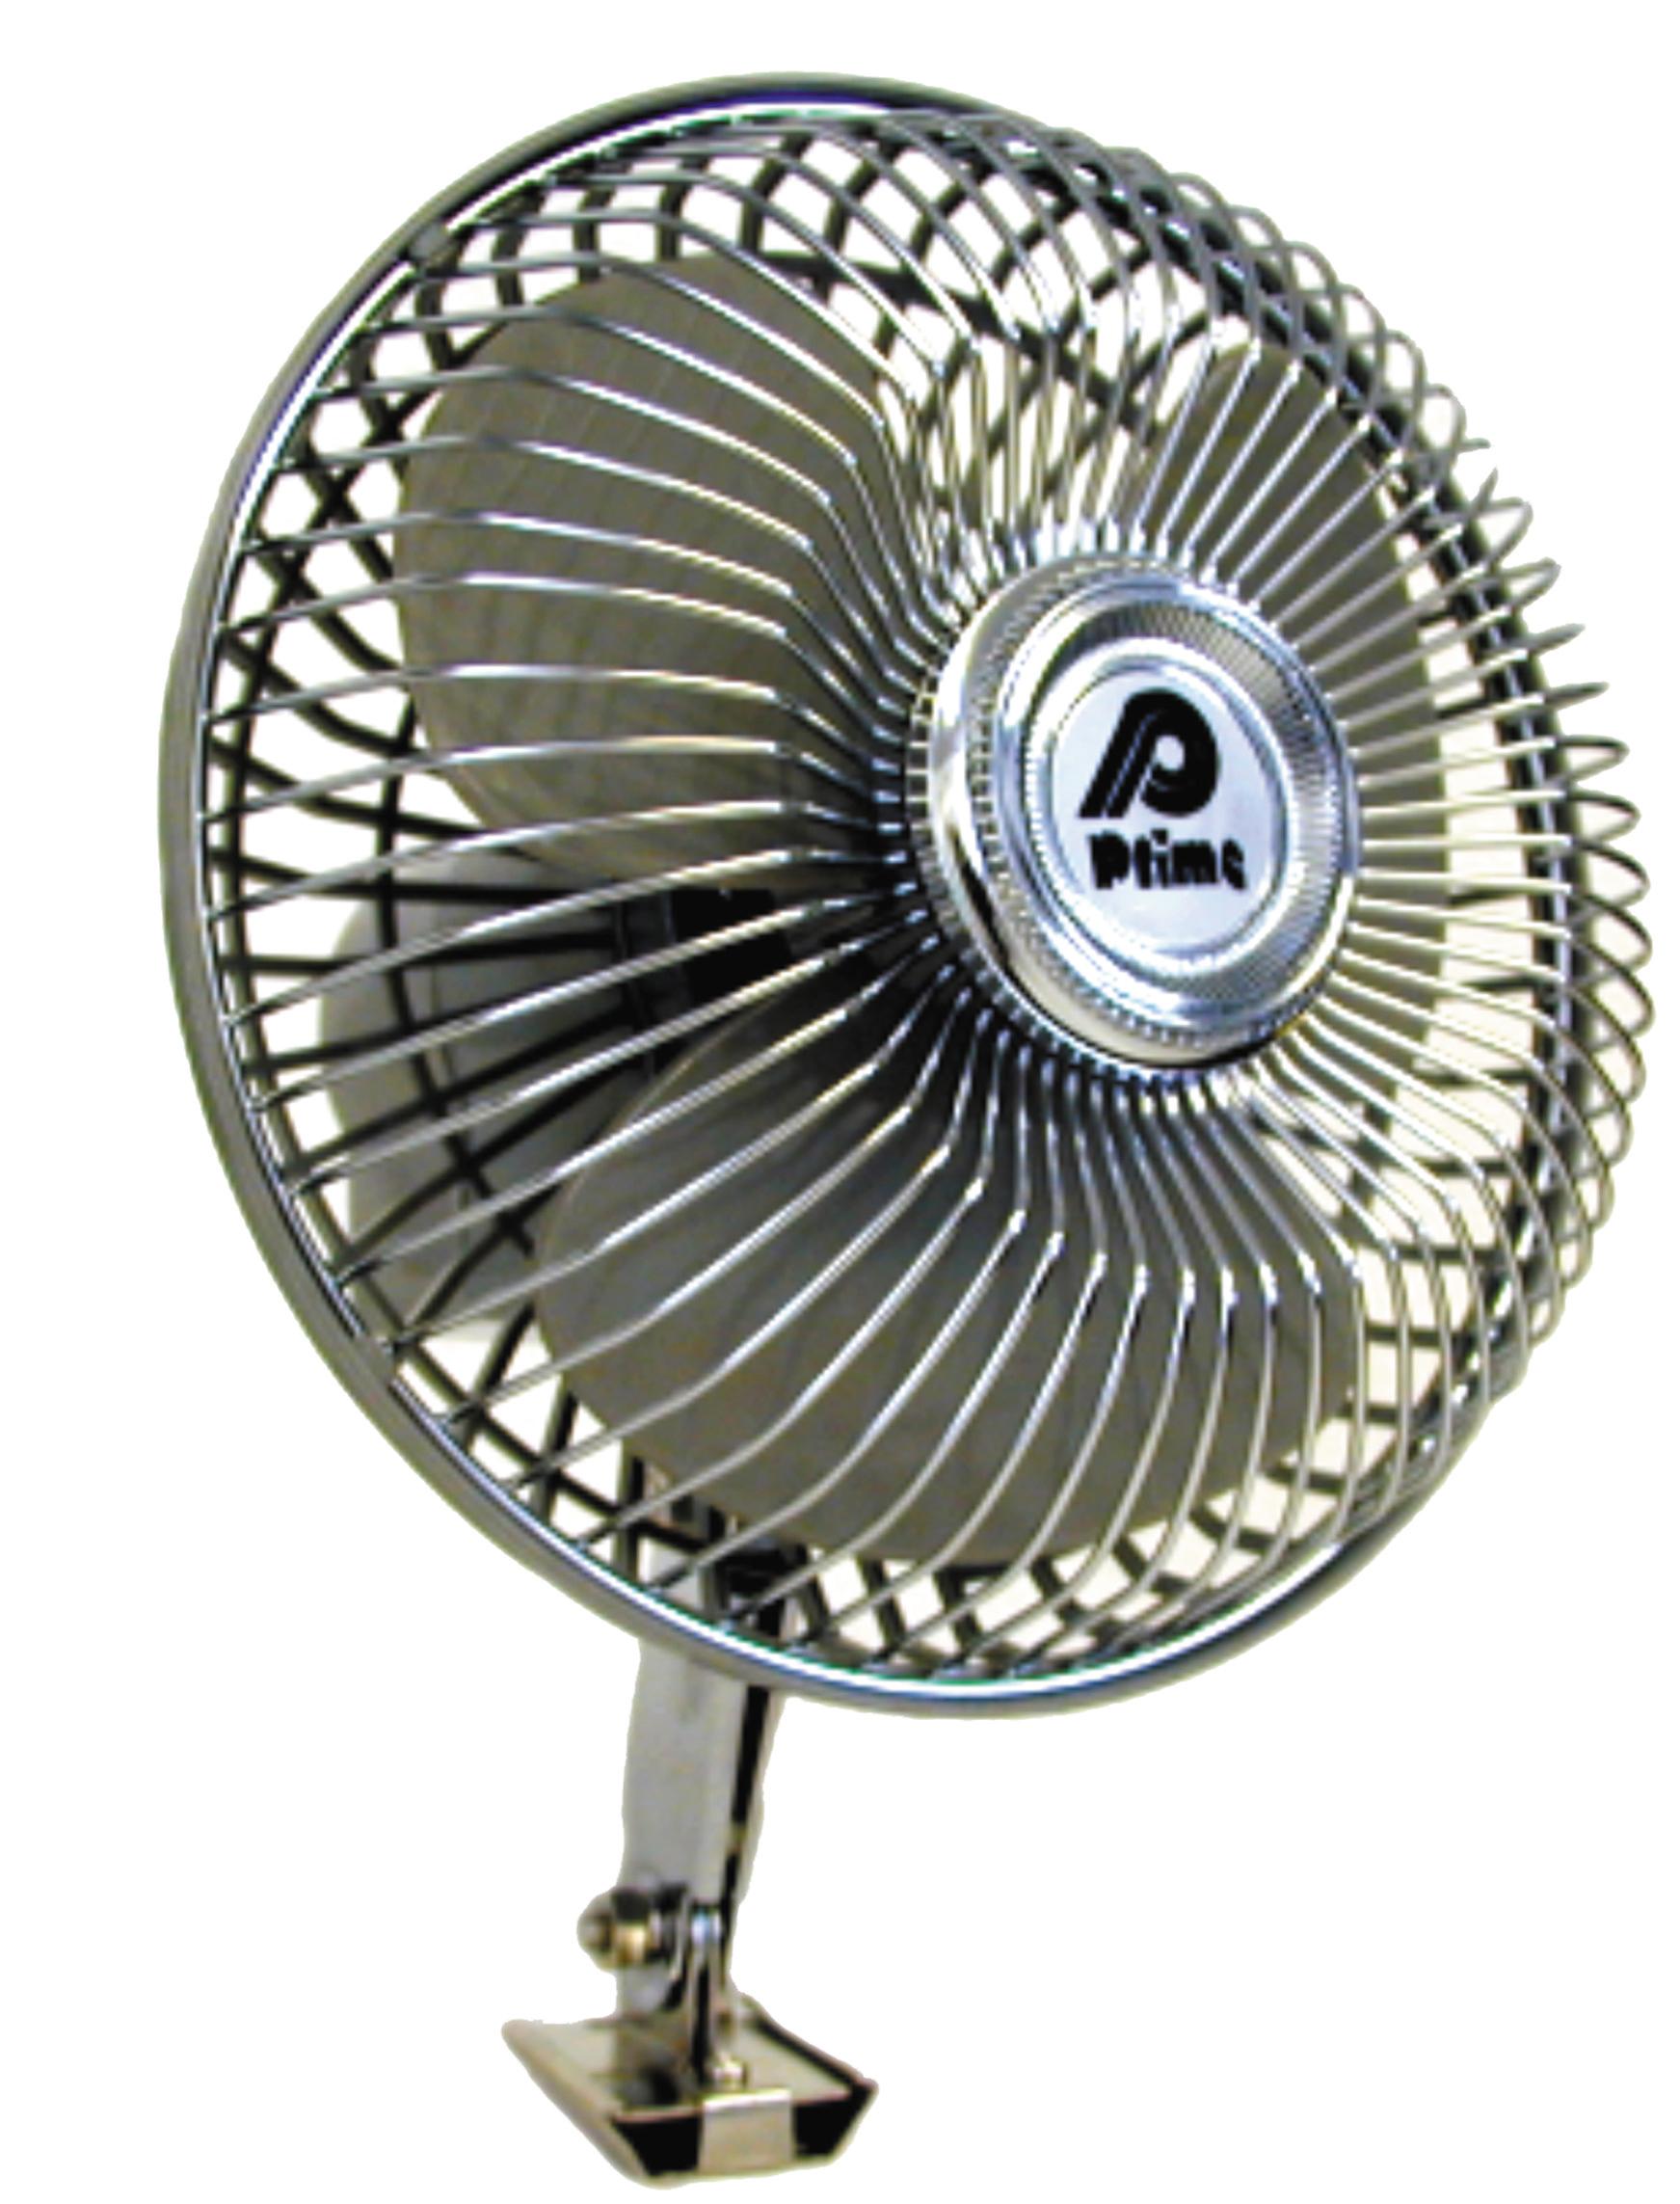 prime products 06 0600 12 volt oscillating fan. Black Bedroom Furniture Sets. Home Design Ideas